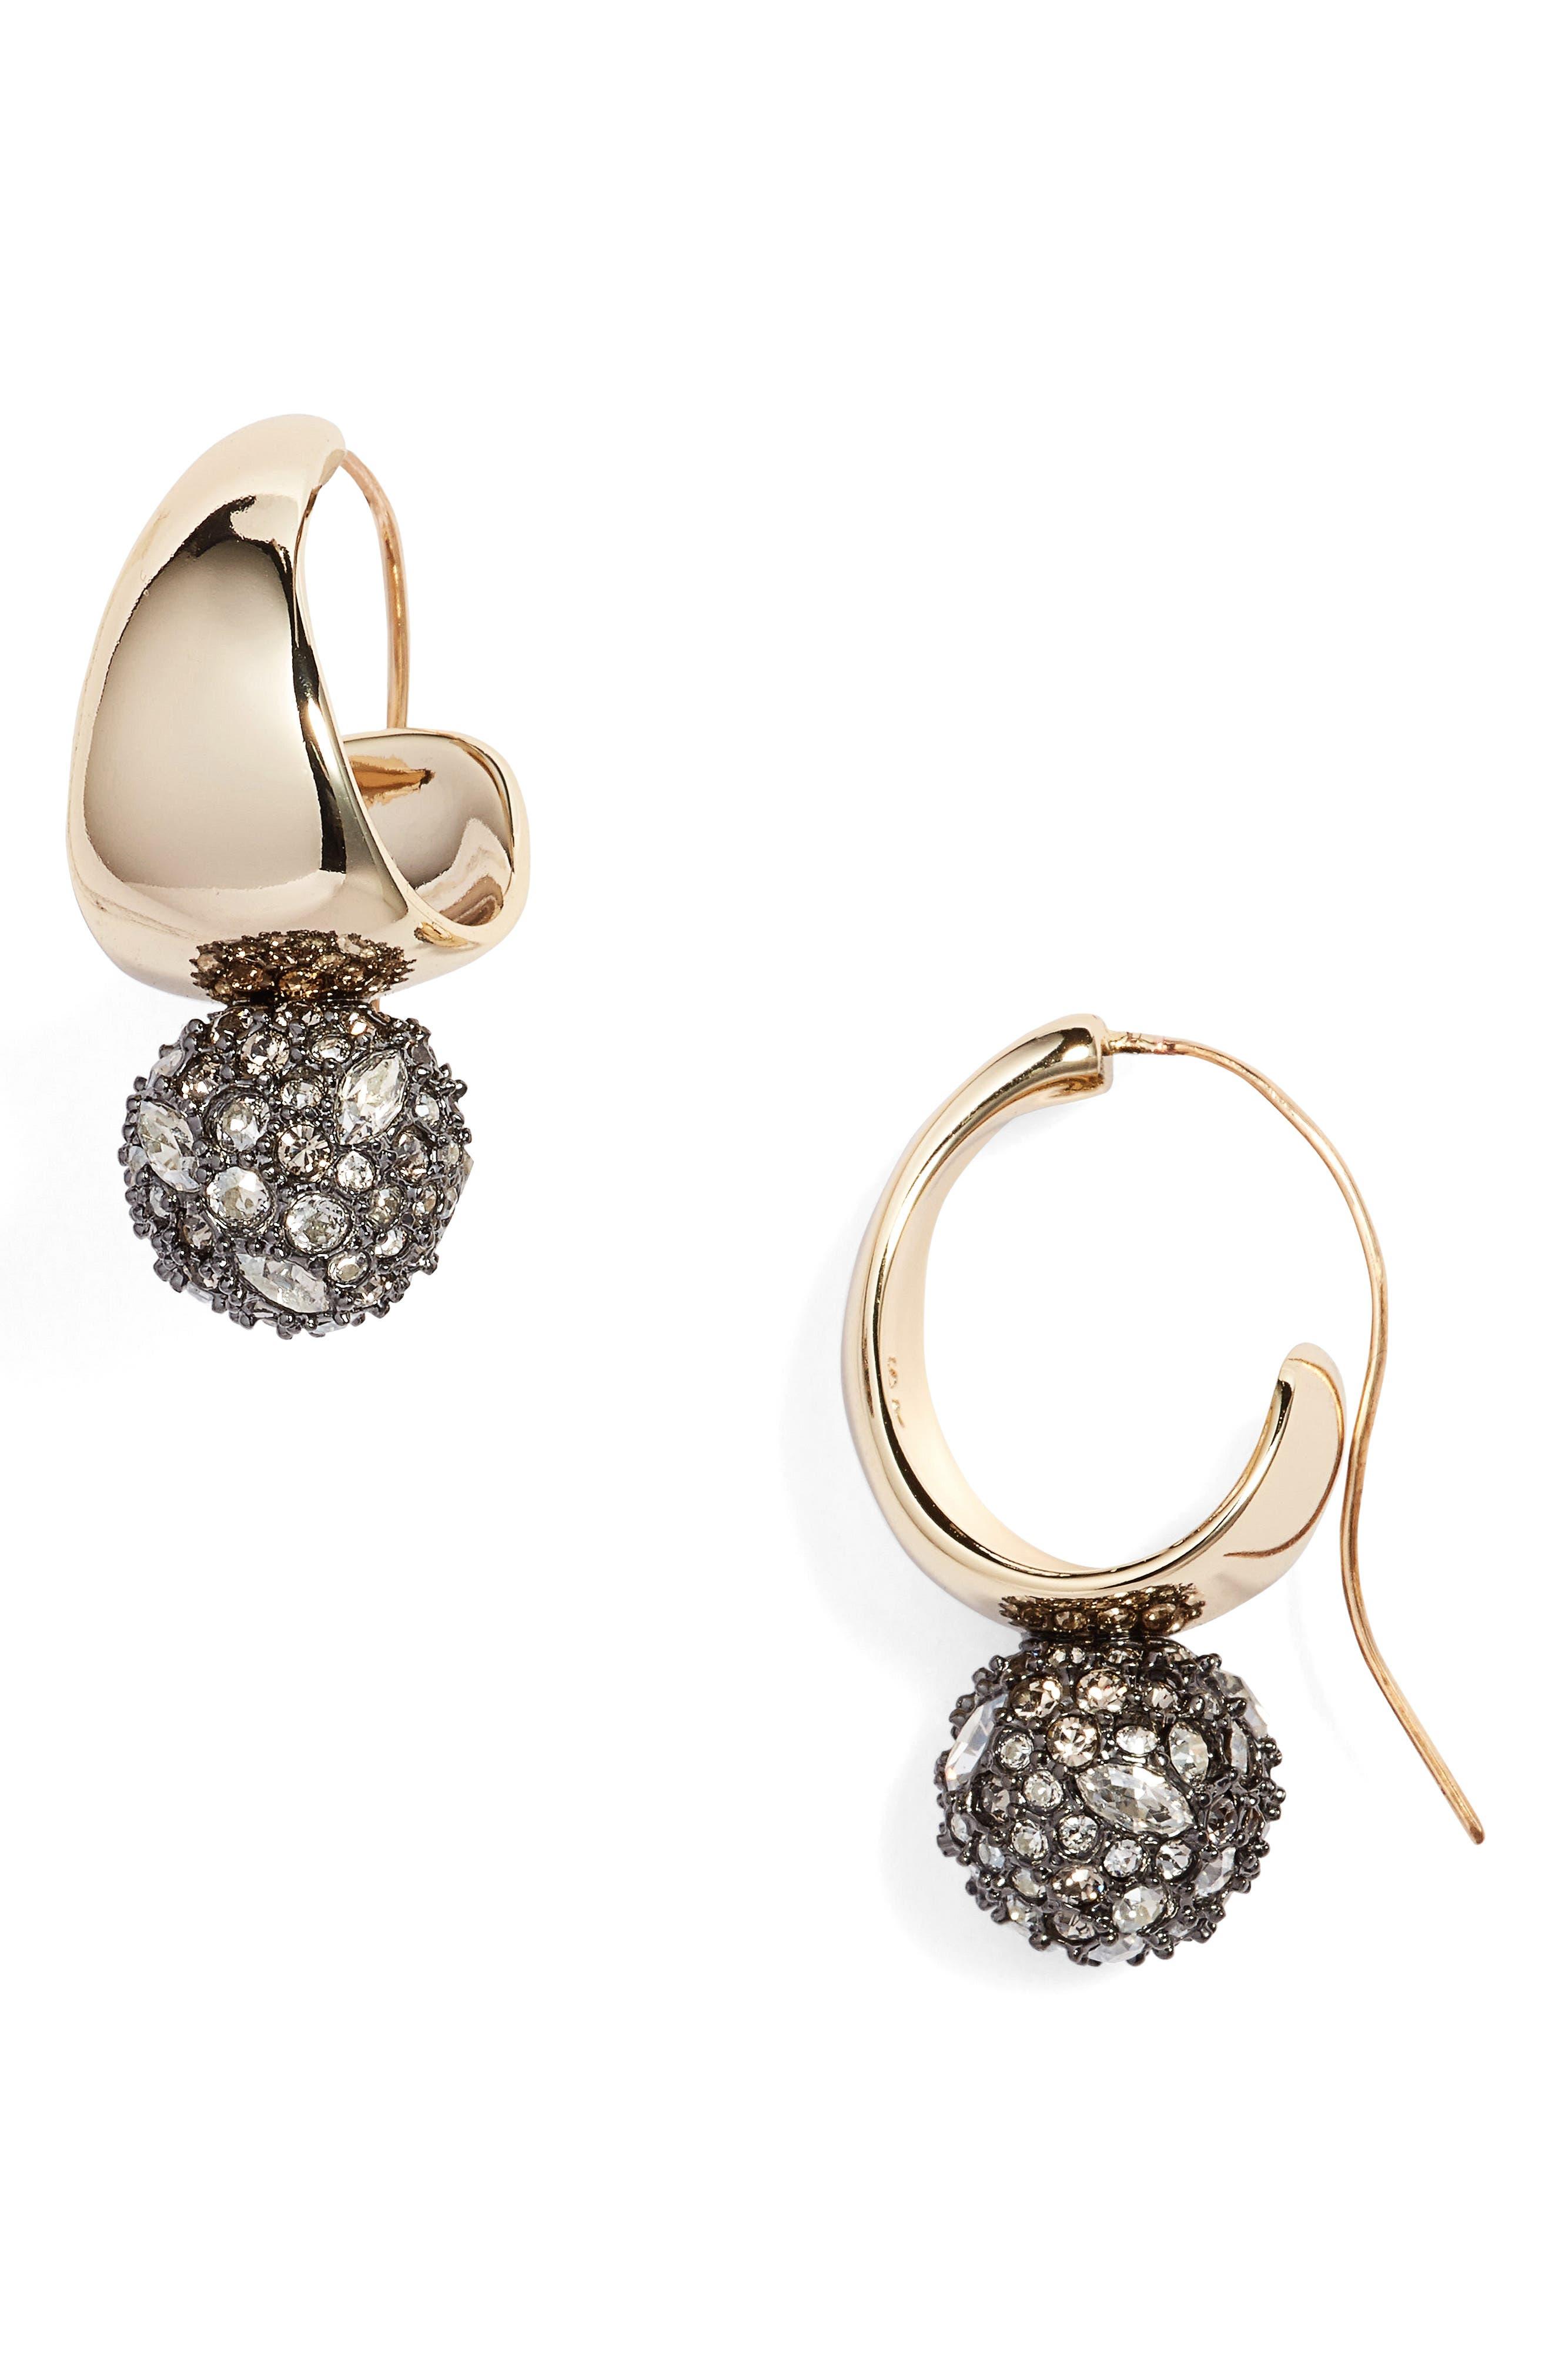 Alexis Bittar Pavé Crystal Hoop Earrings